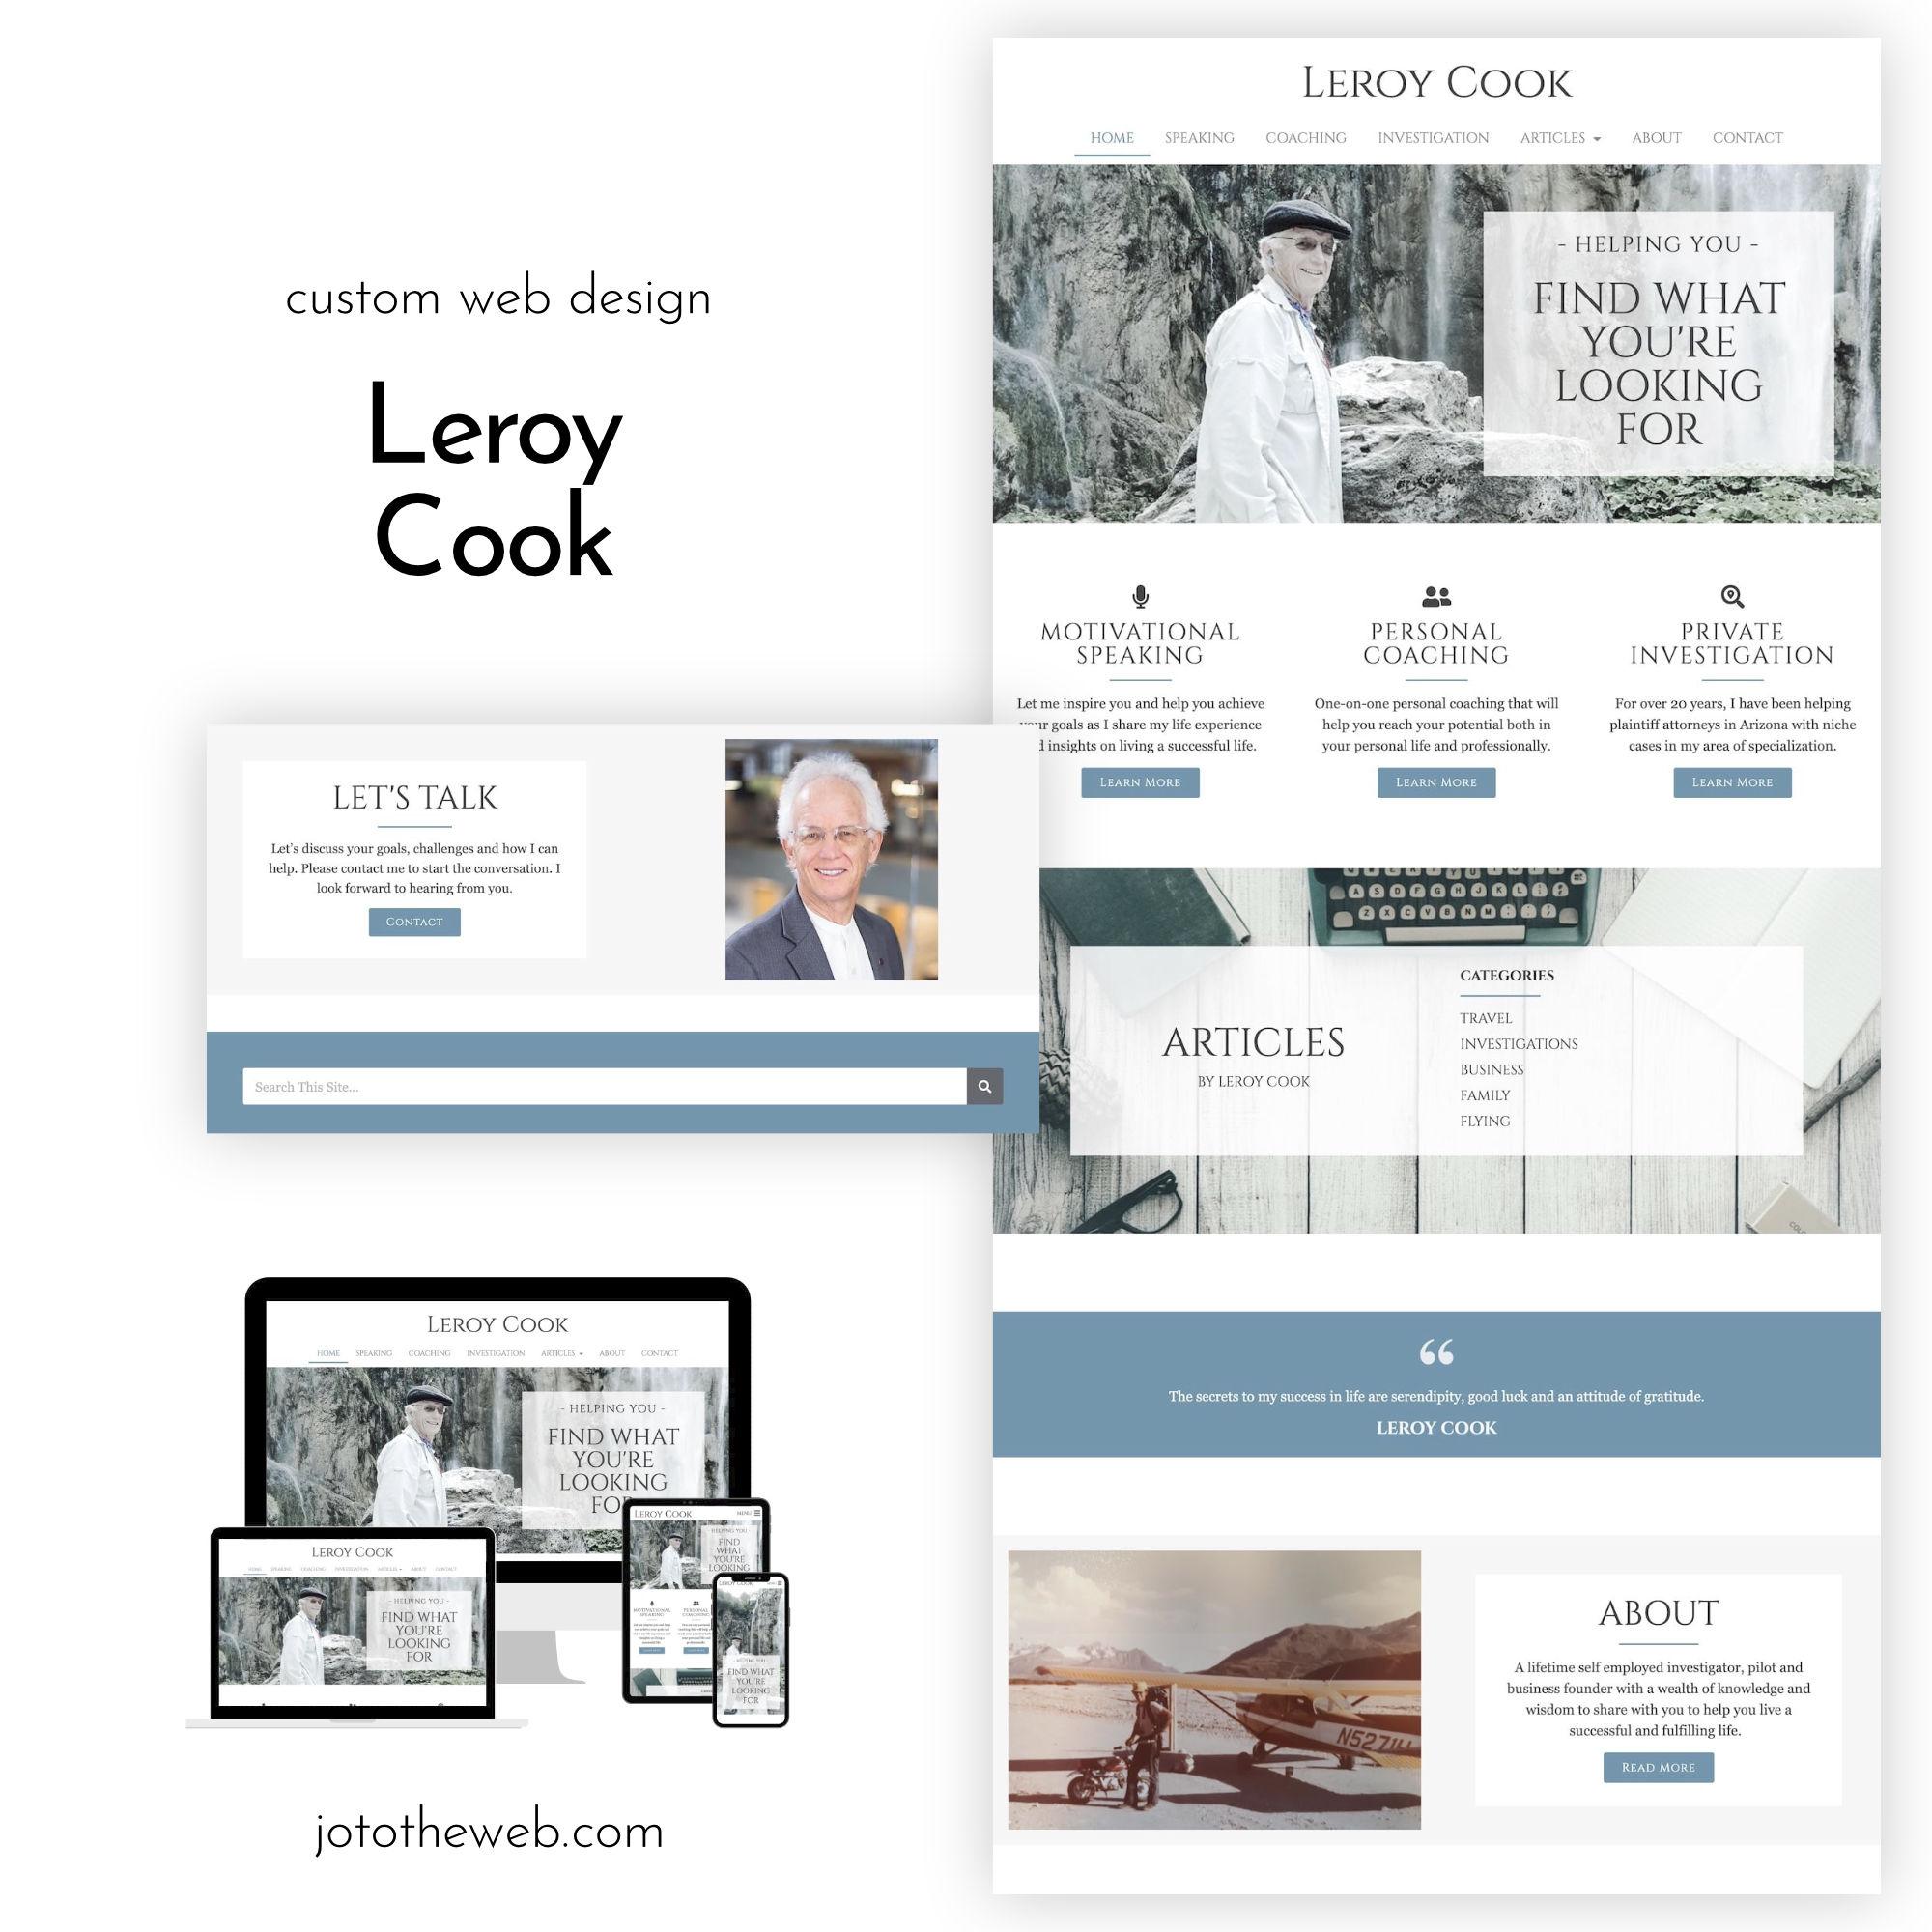 Leroy Cook Website